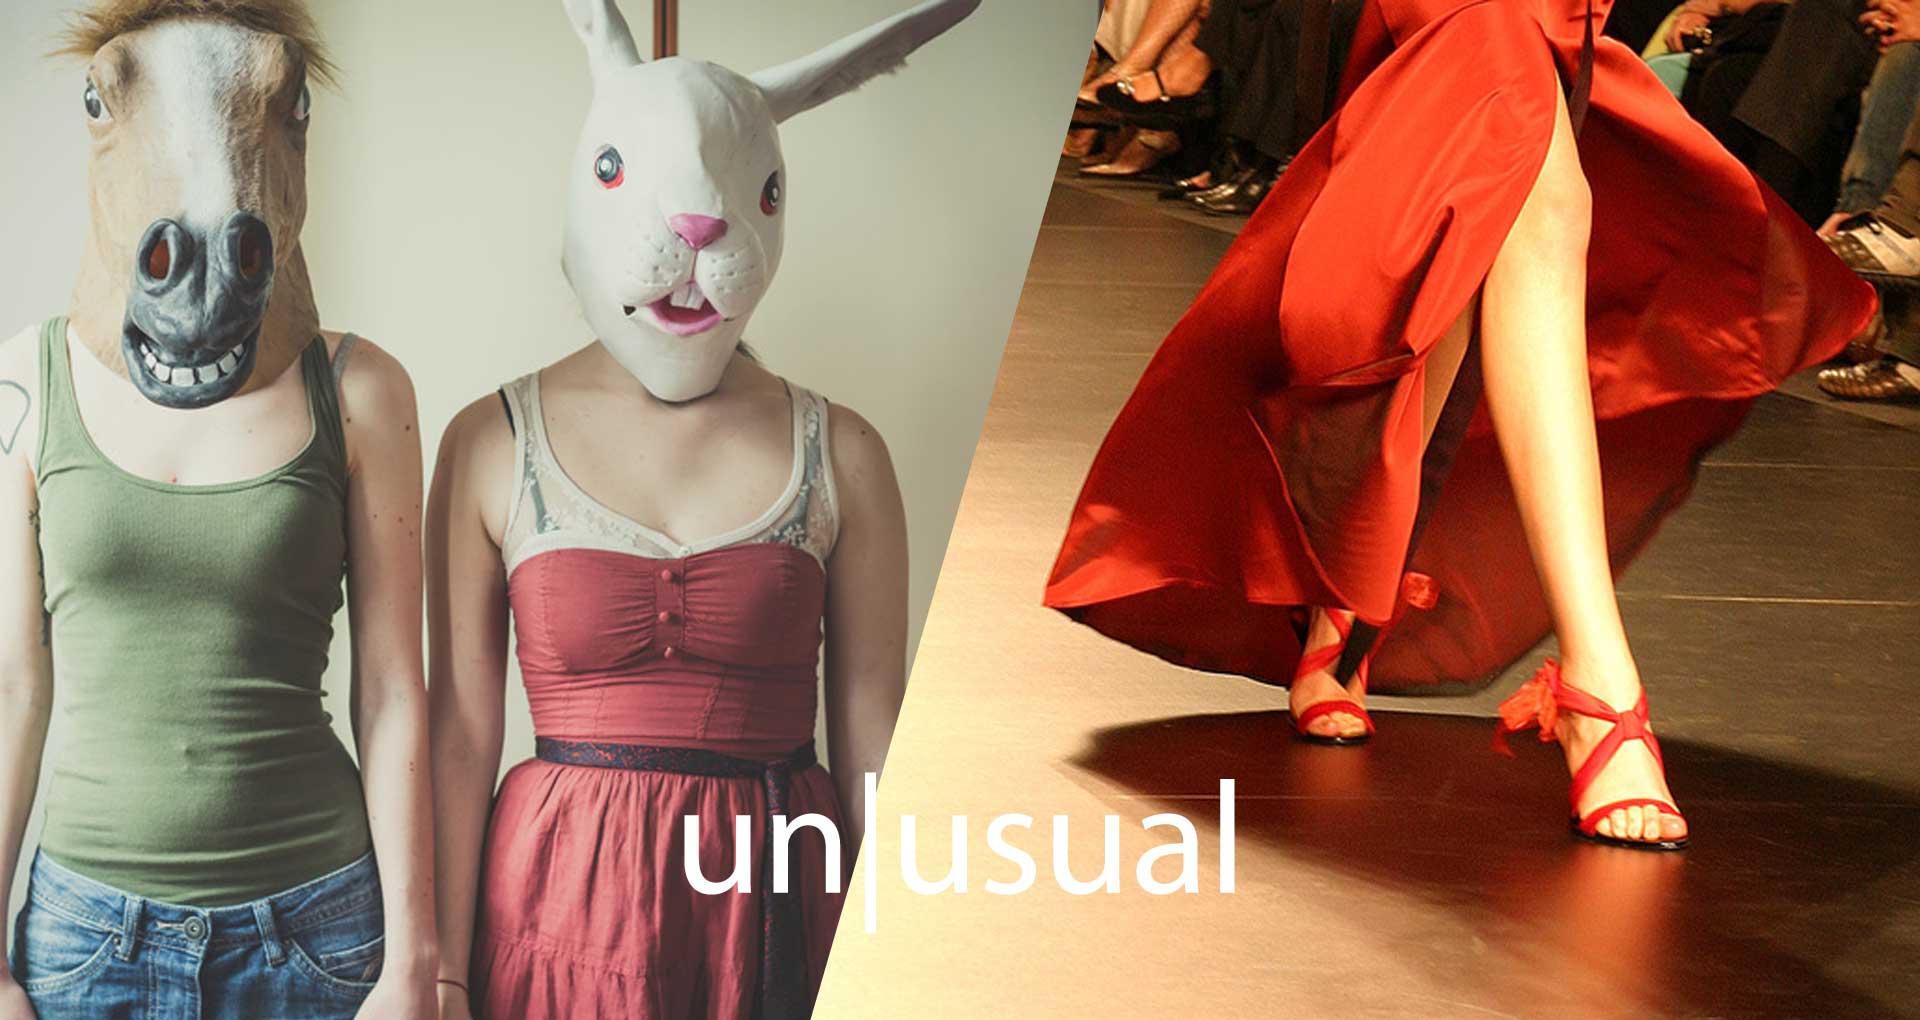 UN|USUAL